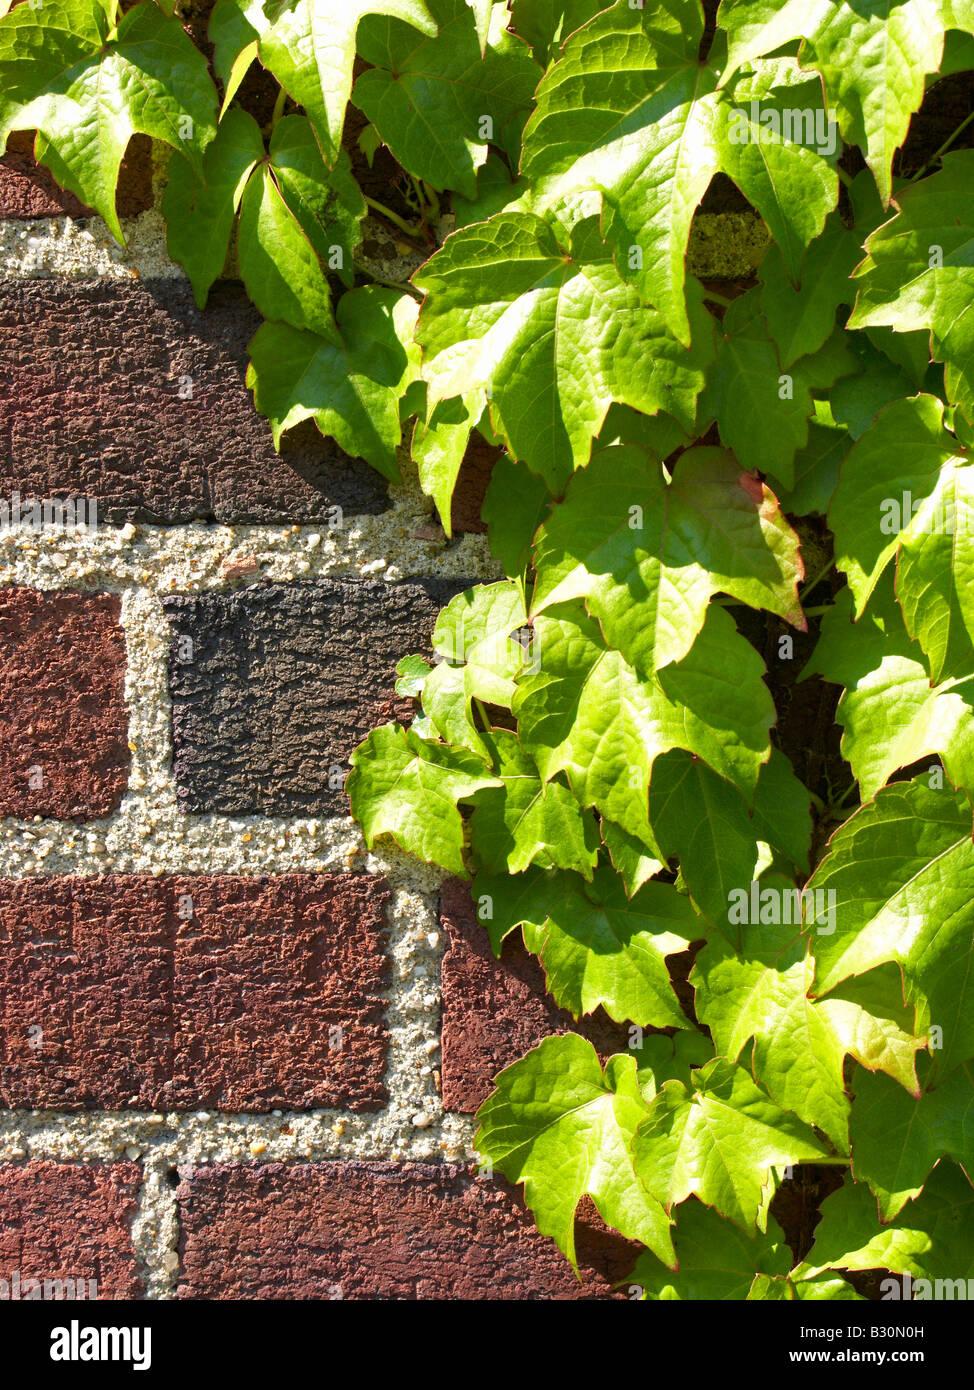 Lierre sur mur brique close up Banque D'Images